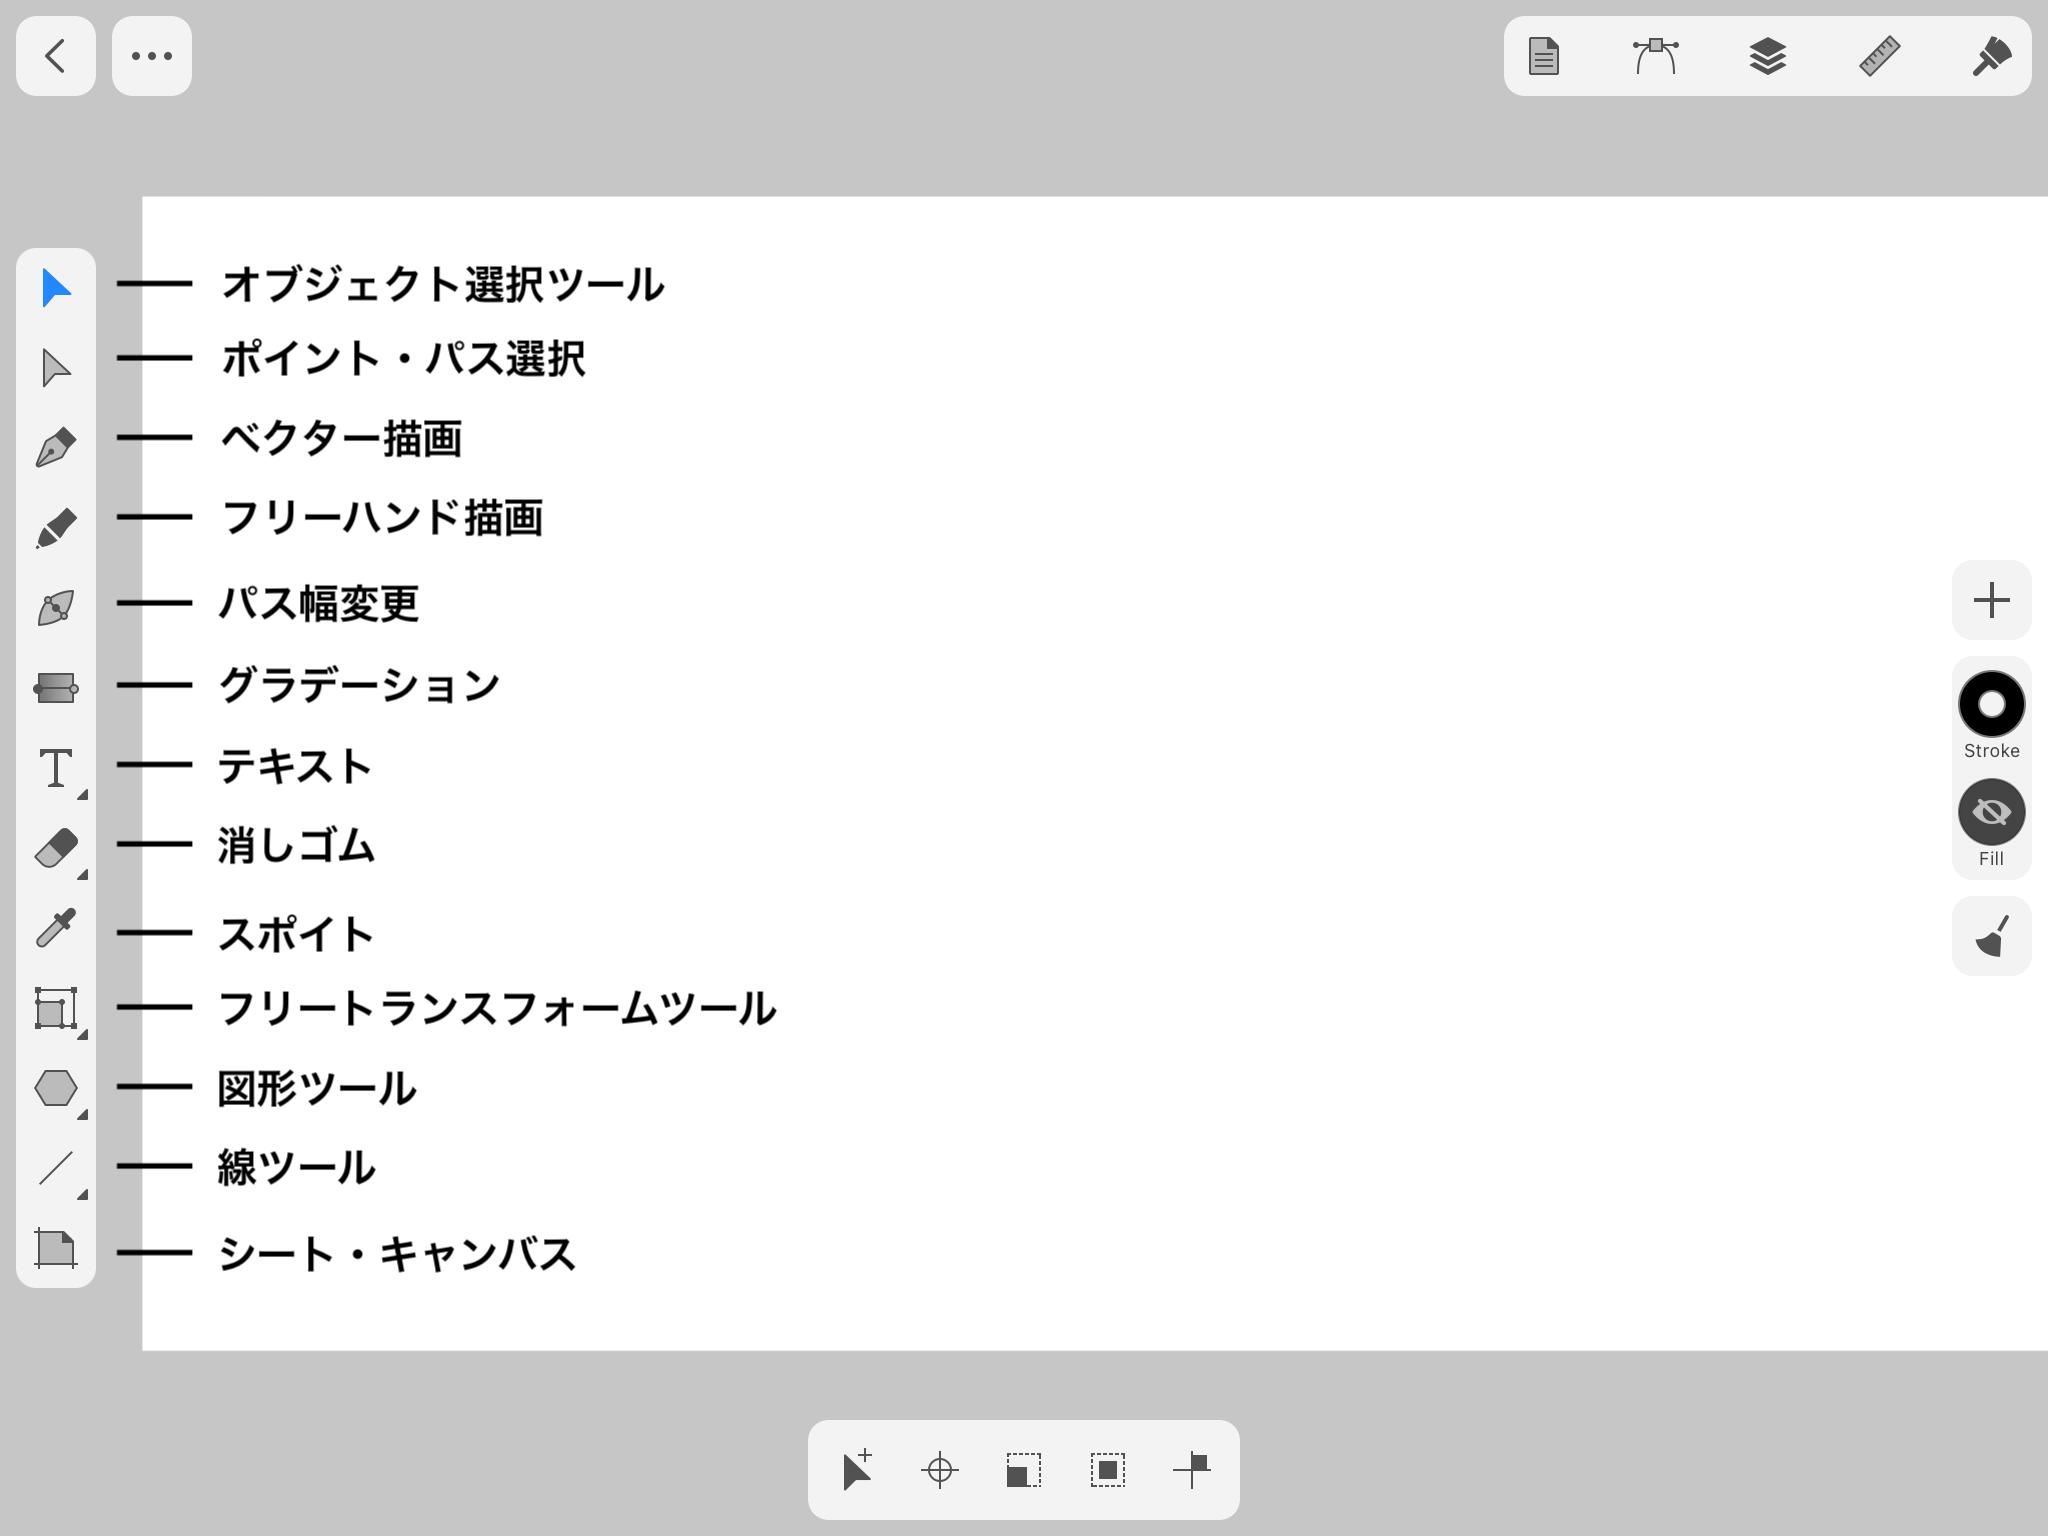 f:id:yuzurifa:20210206210452p:image